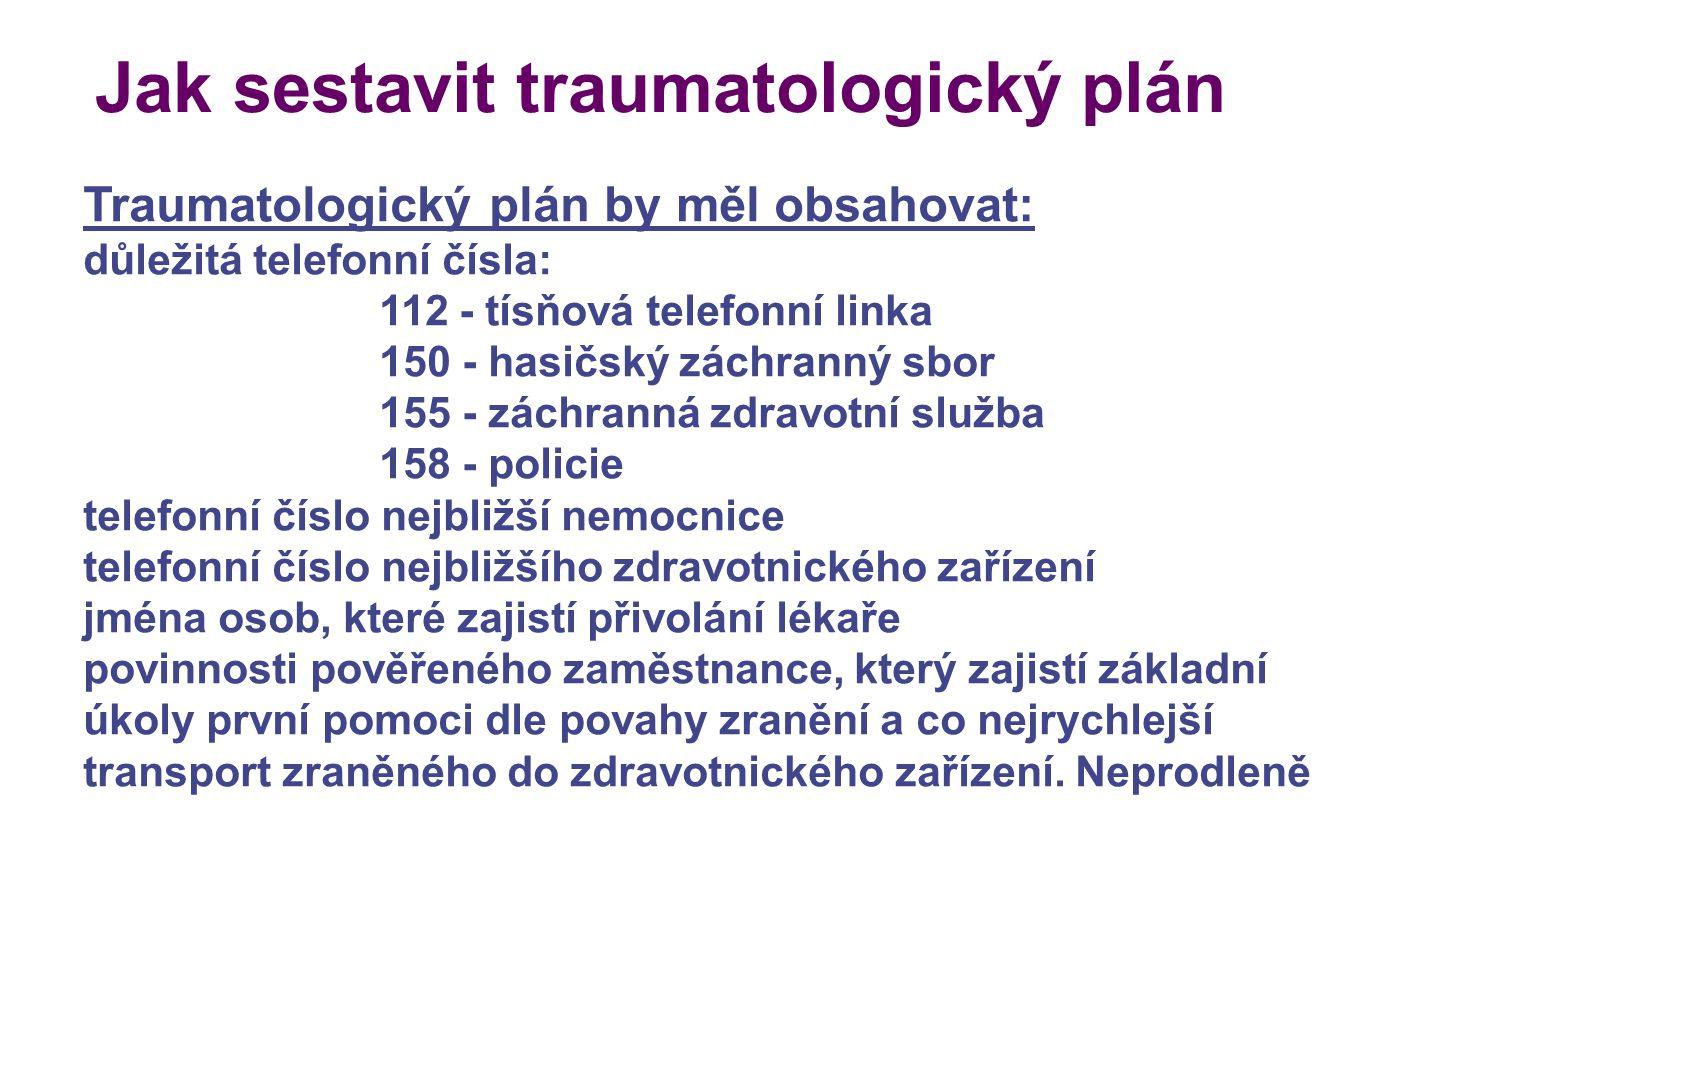 Jak sestavit traumatologický plán Traumatologický plán by měl obsahovat: důležitá telefonní čísla: 112 - tísňová telefonní linka 150 - hasičský záchra